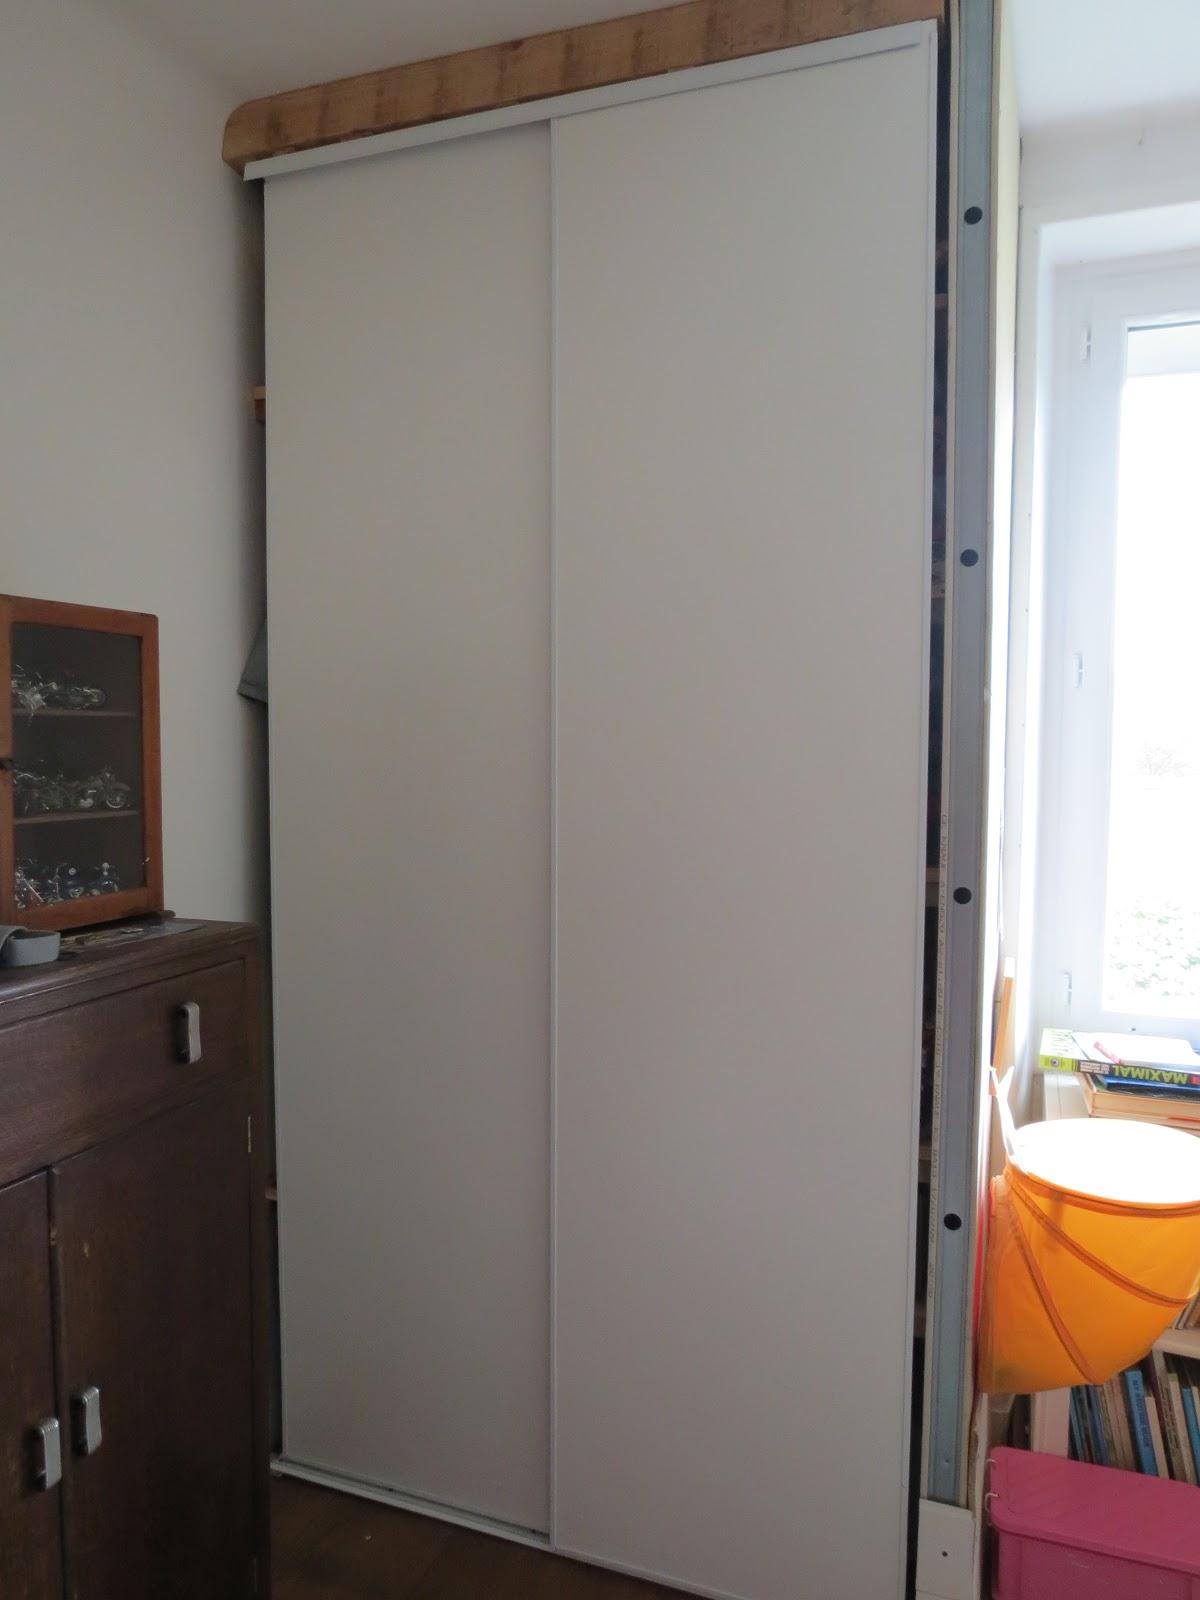 Teano mon tout beau la chambre de mon bonhomme - Rideaux pour placard de chambre ...